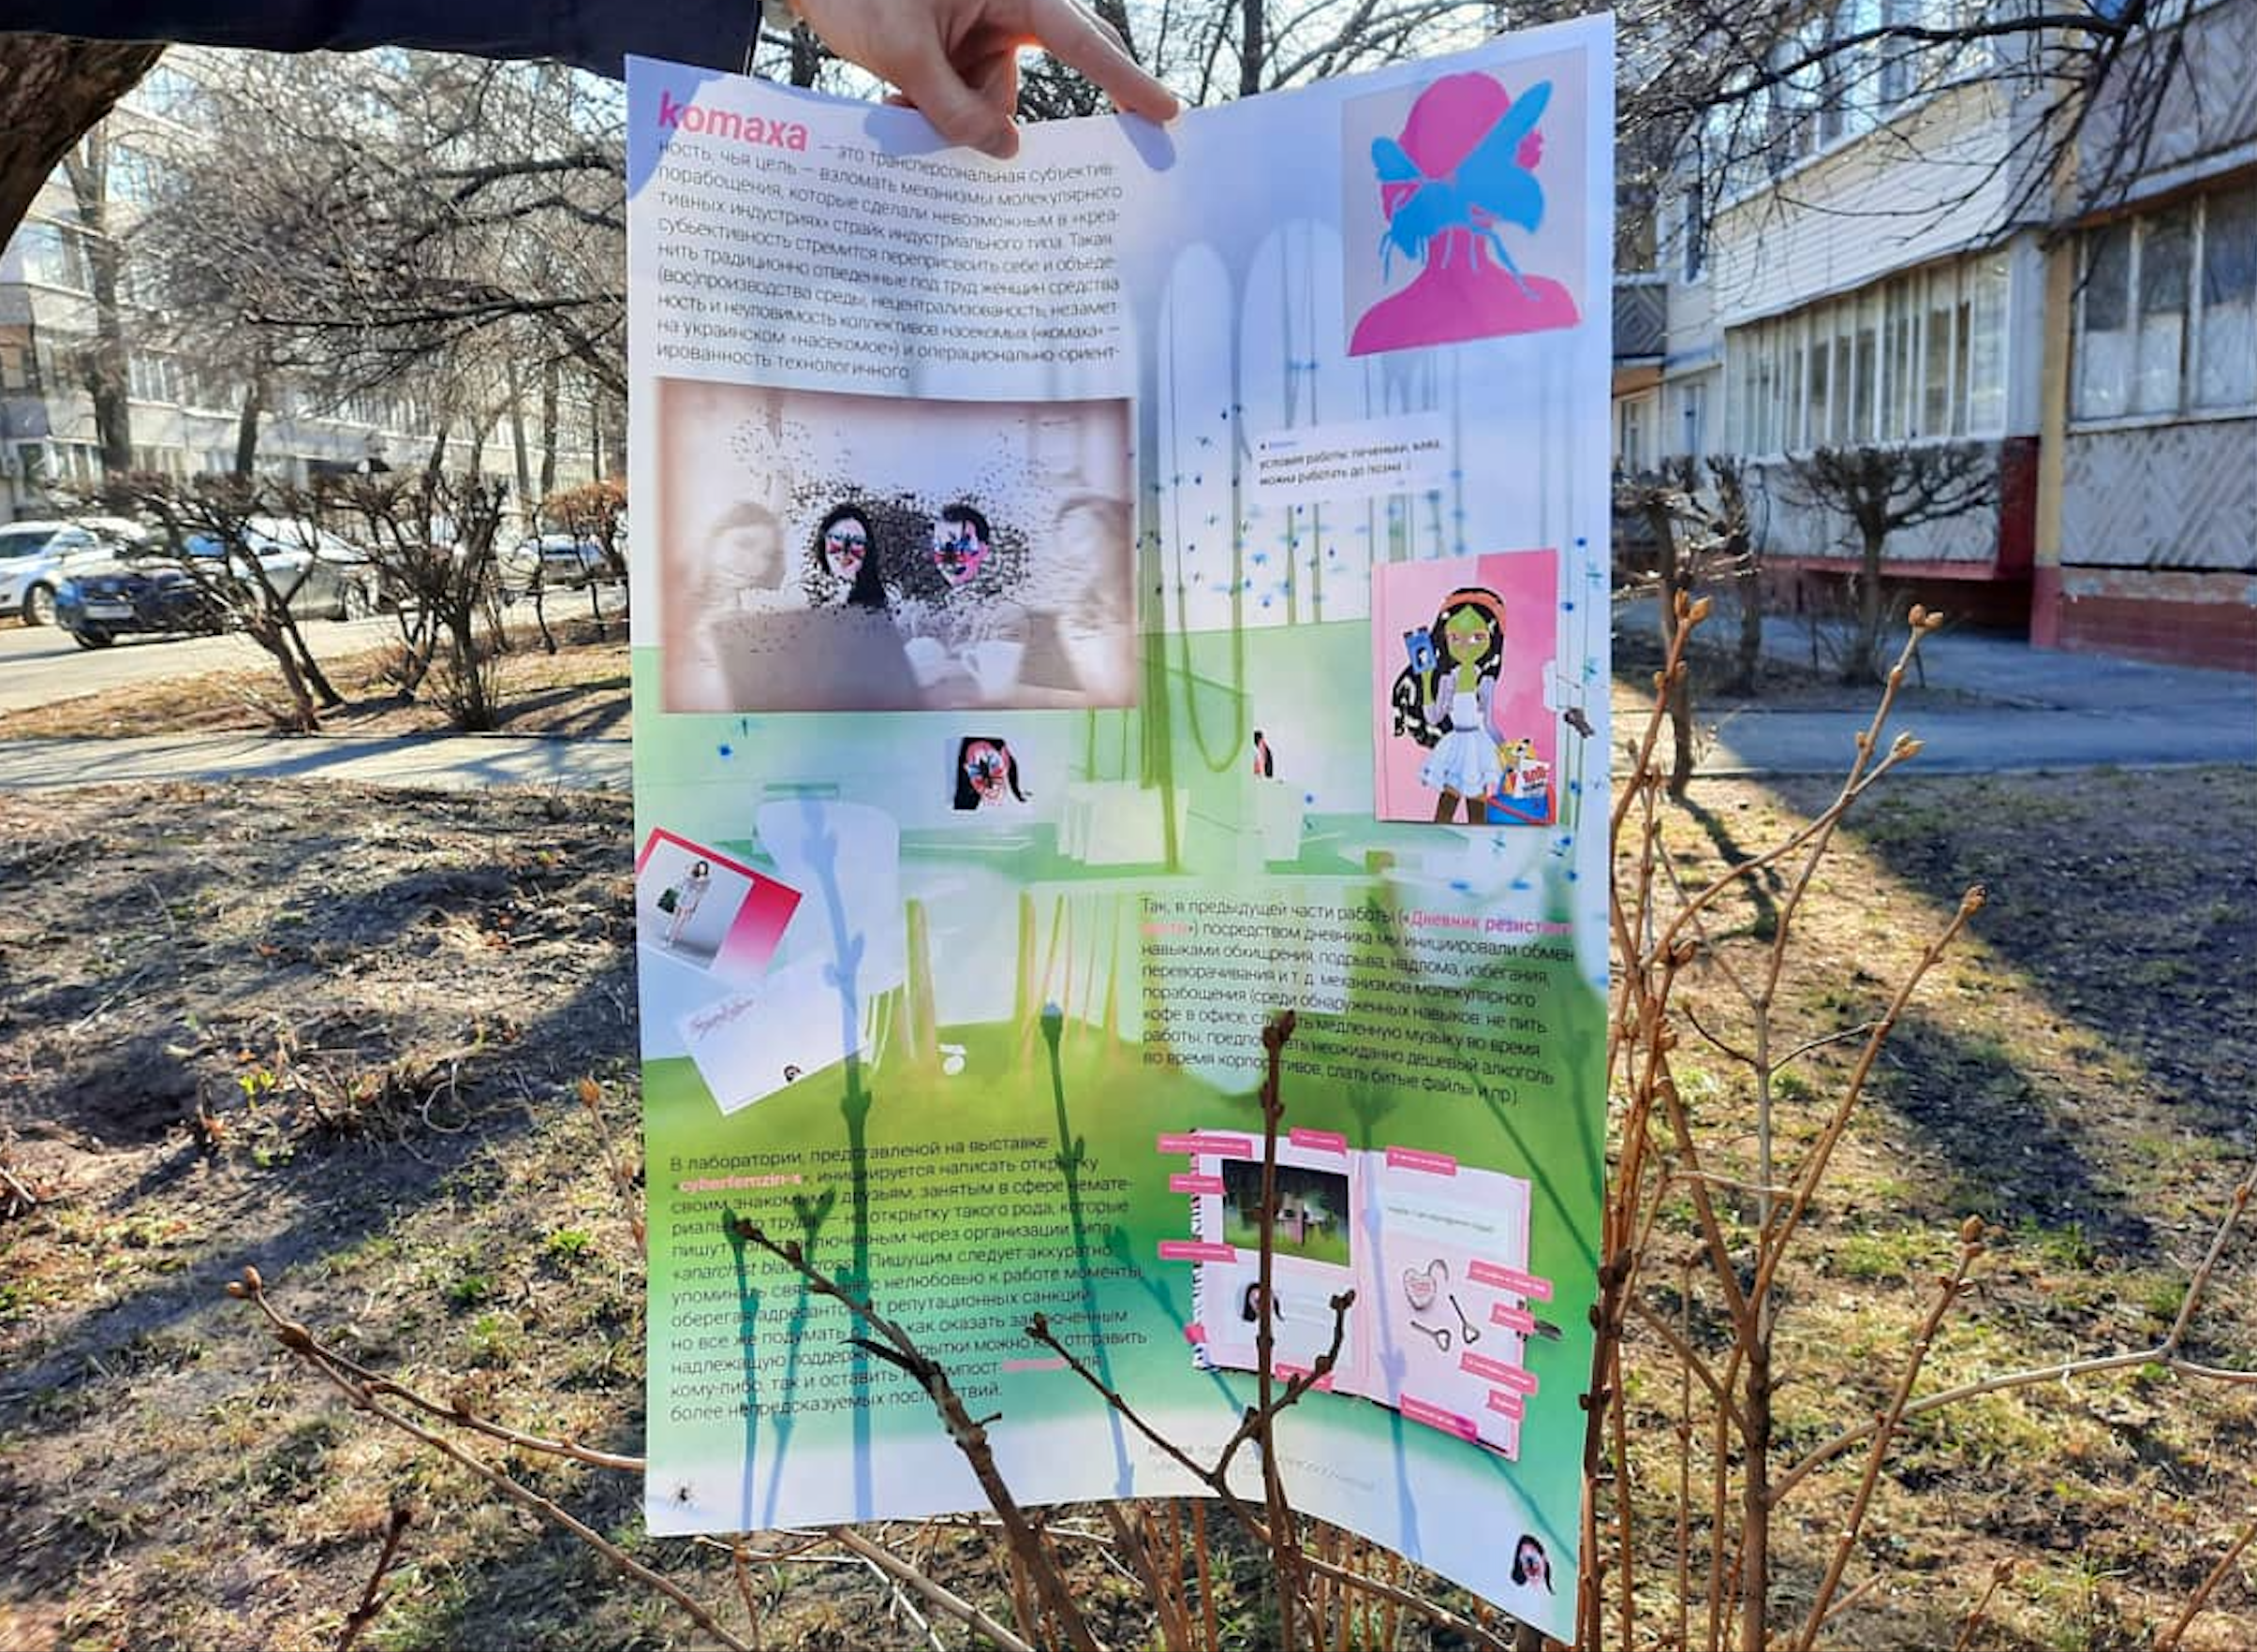 Настя Теор, Олексій Кучанський. Інформаційний плакат «komaxa» — частина художньої роботи «komaxa. как увидеть почтовых насекомых?», представленої у вигляді інтерактивної інсталяції на виставці Посткіберфеміністичного мистецтва в «ДК Розы», 2020